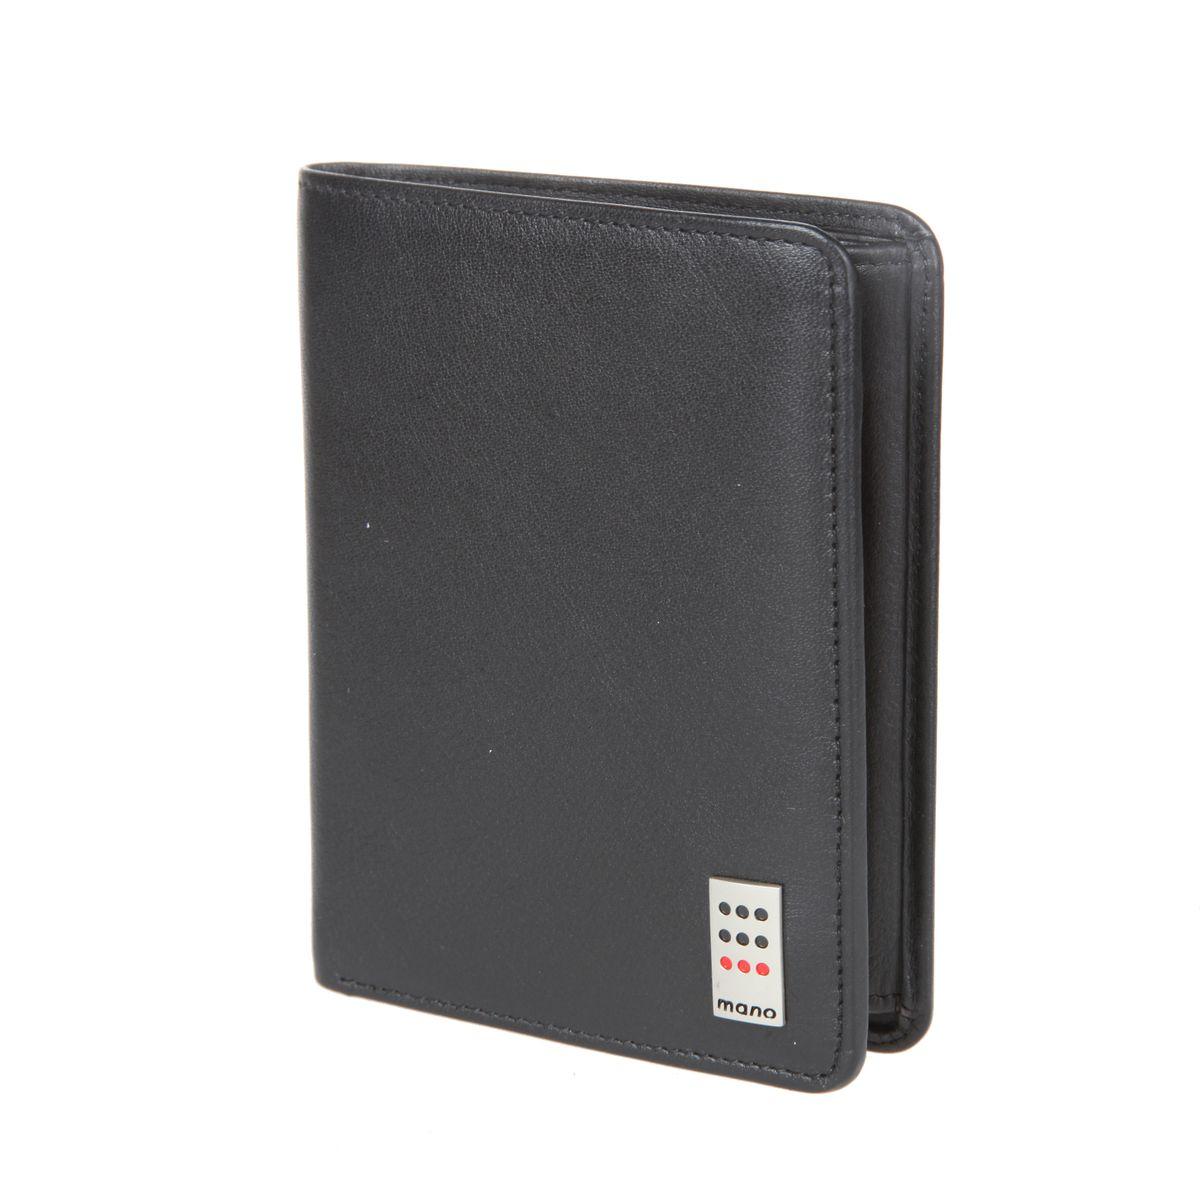 Портмоне мужское Mano, цвет: черный. 1550615506 blackСтильное мужское портмоне Mano изготовлено из натуральной кожи, оформлено металлической пластиной с символикой бренда. Изделие раскладывается пополам. Внутри портмоне расположены два отделения для купюр, два потайных кармана, отделение для монет, закрывающееся клапаном на кнопку, карман для мелких документов и три прорезных кармашка для пластиковых карт, один из которых с сетчатой вставкой. Портмоне дополнено откидным отделением, которое фиксируется хлястиком на кнопку и включает в себя: сетчатый карман, три прорезных кармашка для пластиковых карт и карман для мелких документов. Изделие поставляется в фирменной упаковке. Такое практичное портмоне станет отличным подарком для человека, ценящего качественные и необычные вещи.